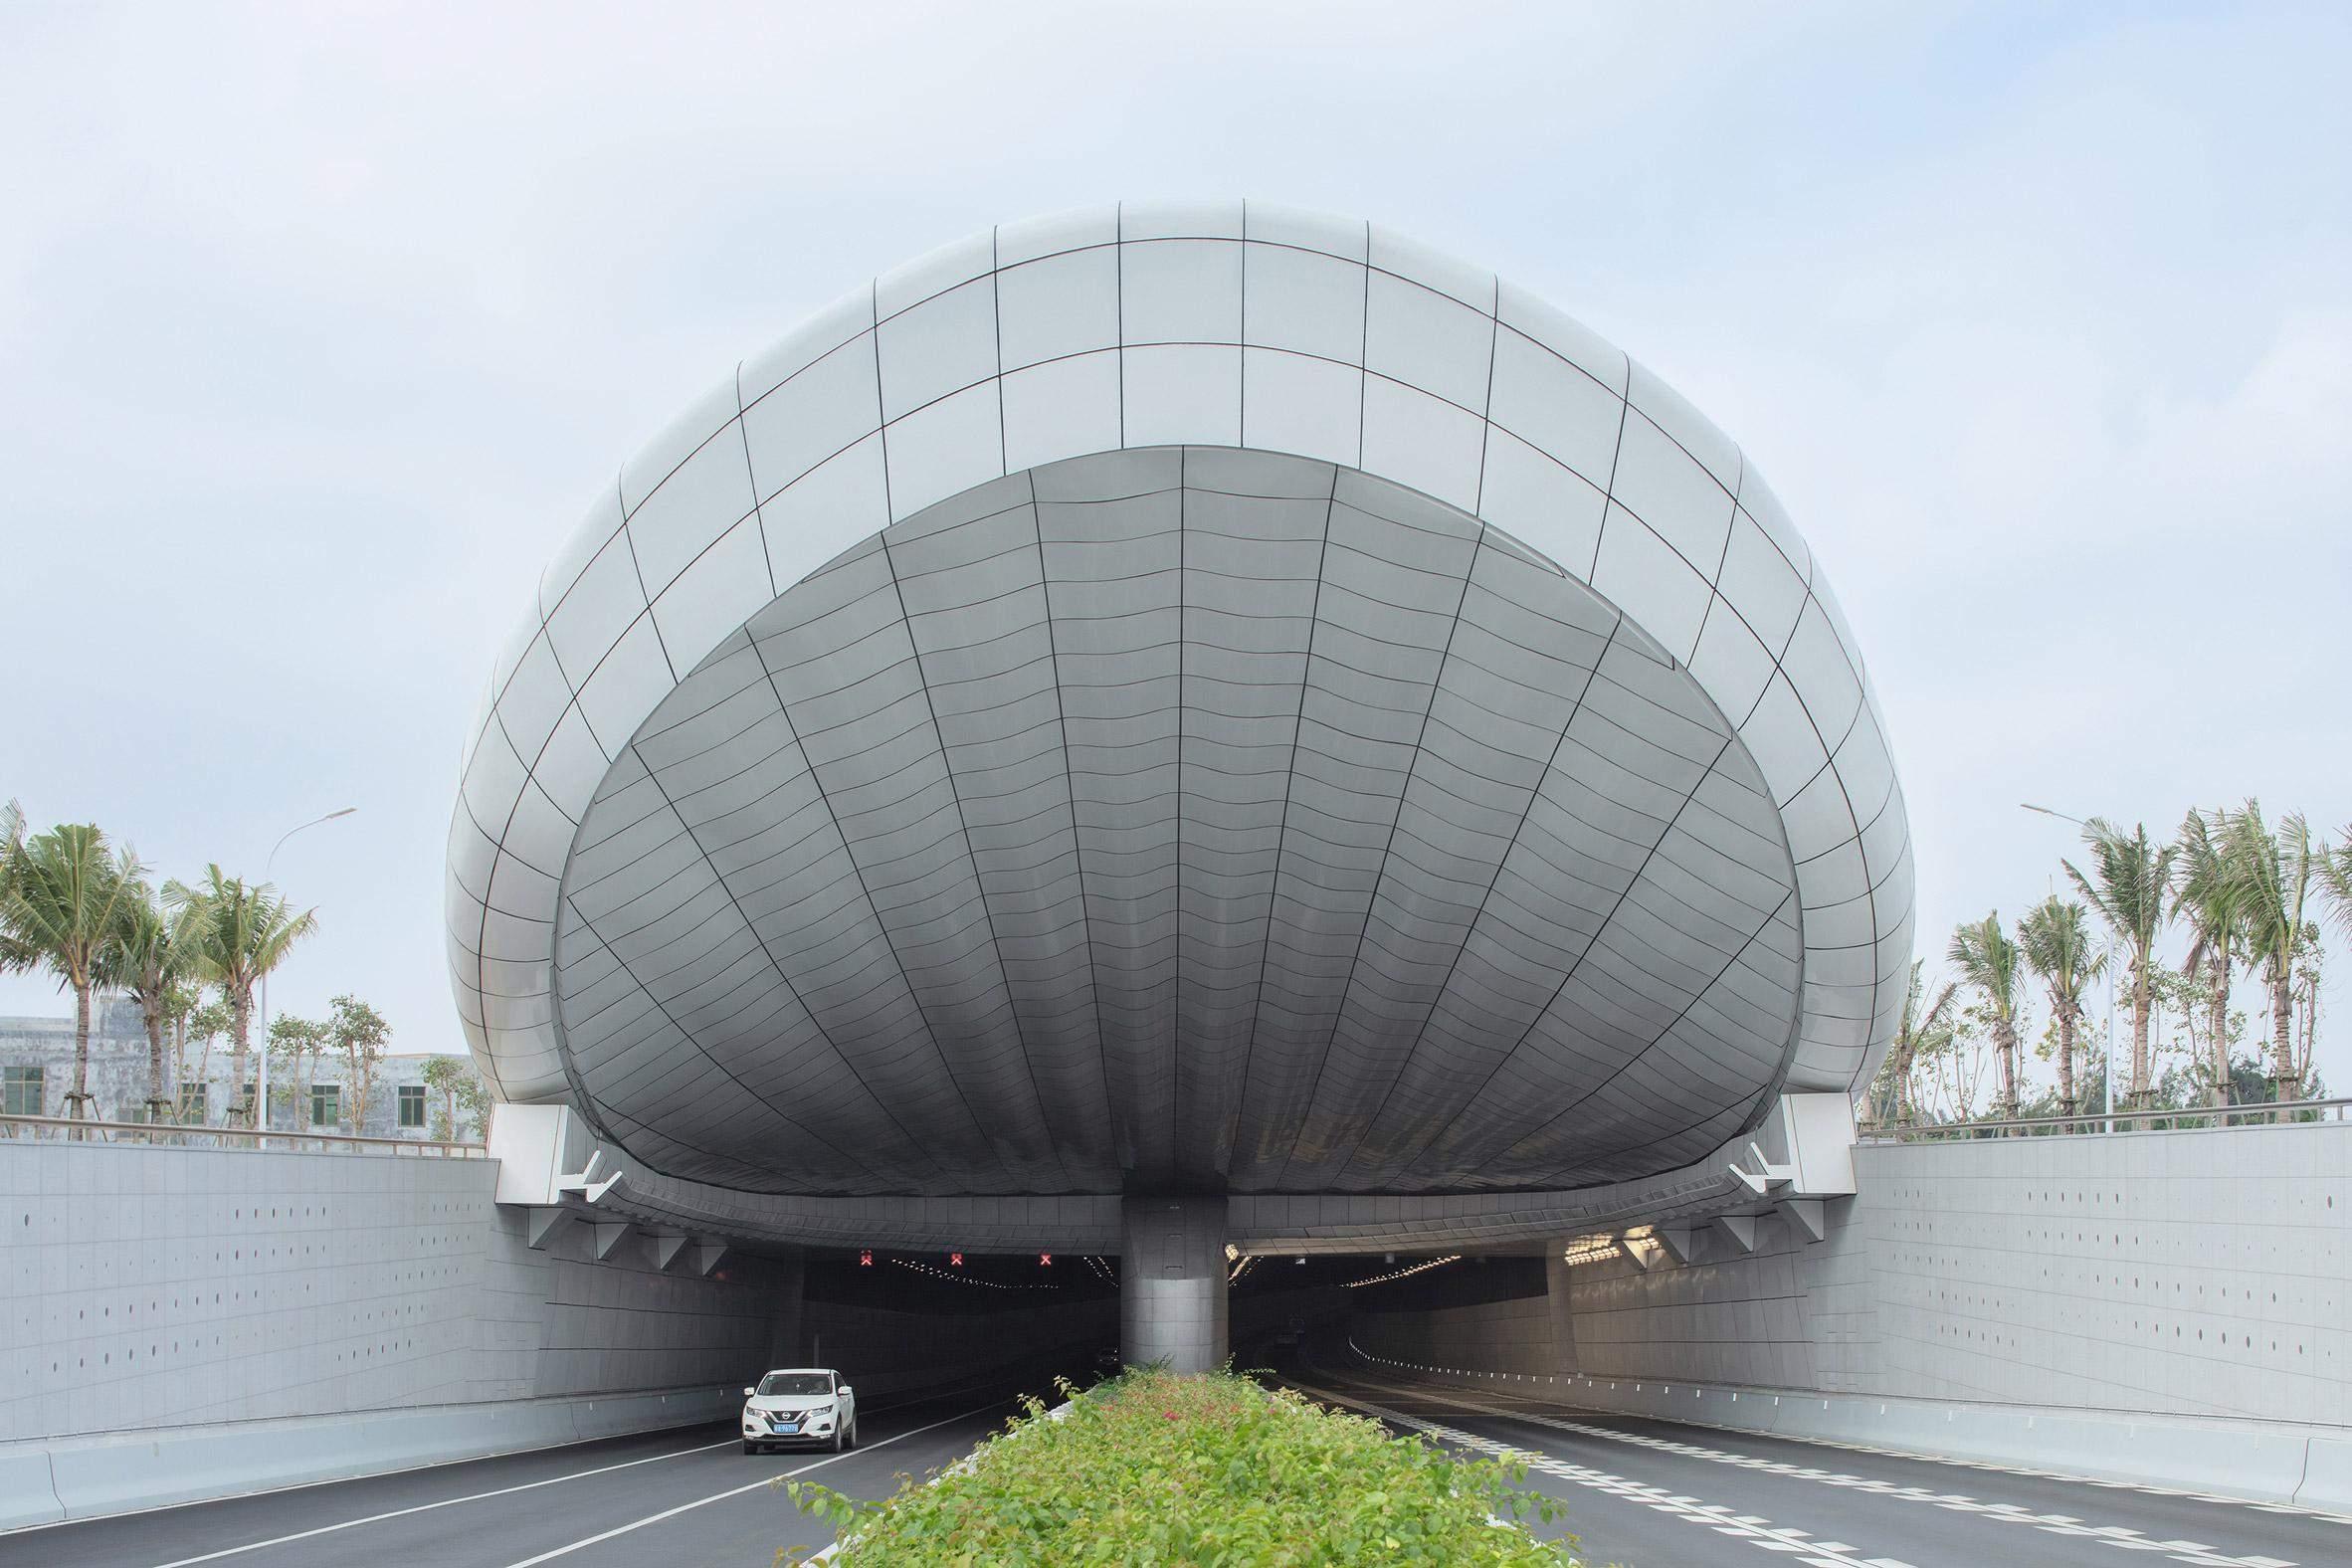 У проєкті тунелі передбачили природне освітлення, зберігаючи рівномірність яскравості на вході  / Фото Designboom